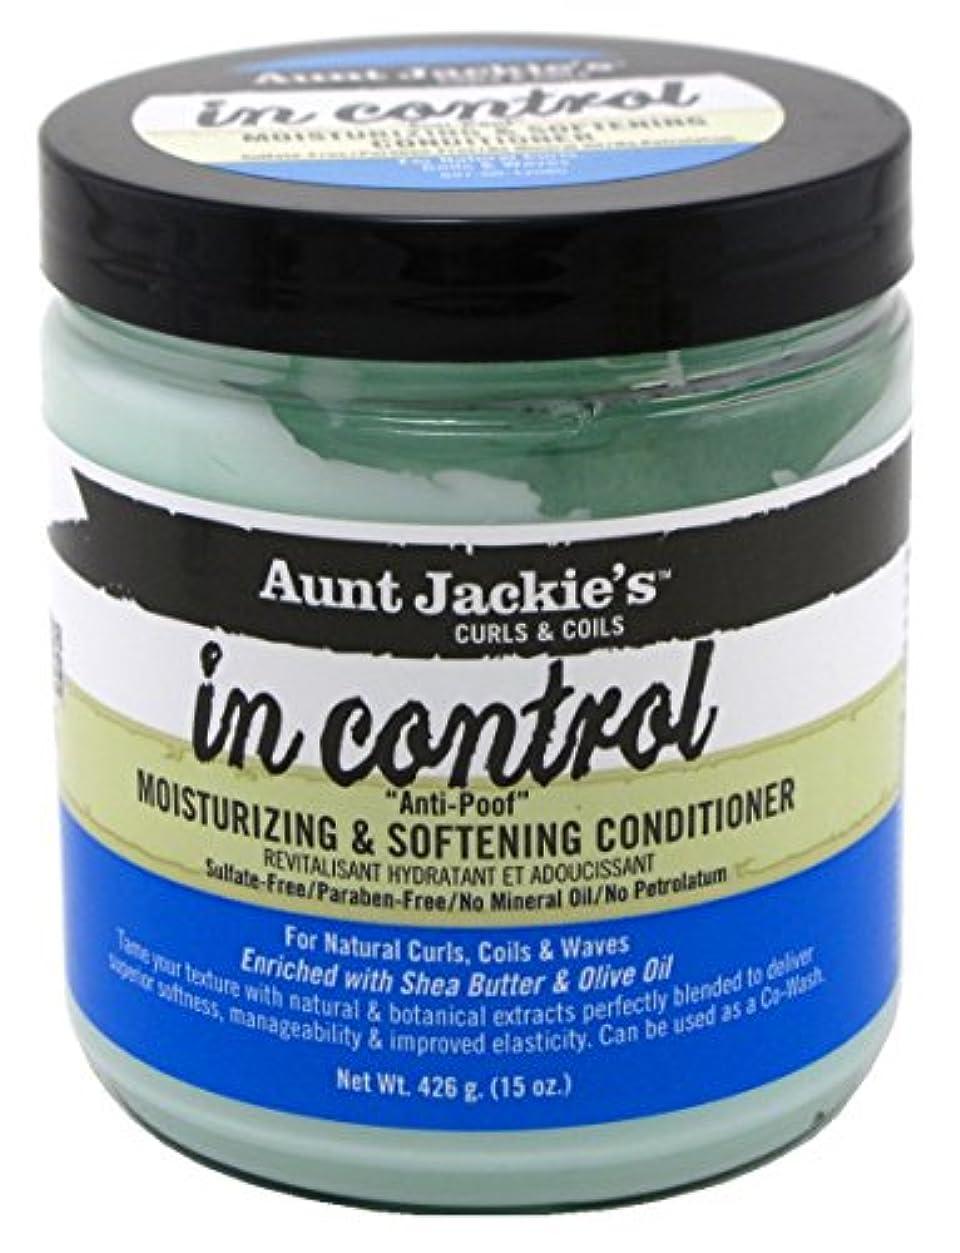 空洞曲げる急降下Aunt Jackie's コントロールモイスチャライジング&軟化コンディショナー15オンスのジャー(443Ml)(2パック)で叔母Jackies